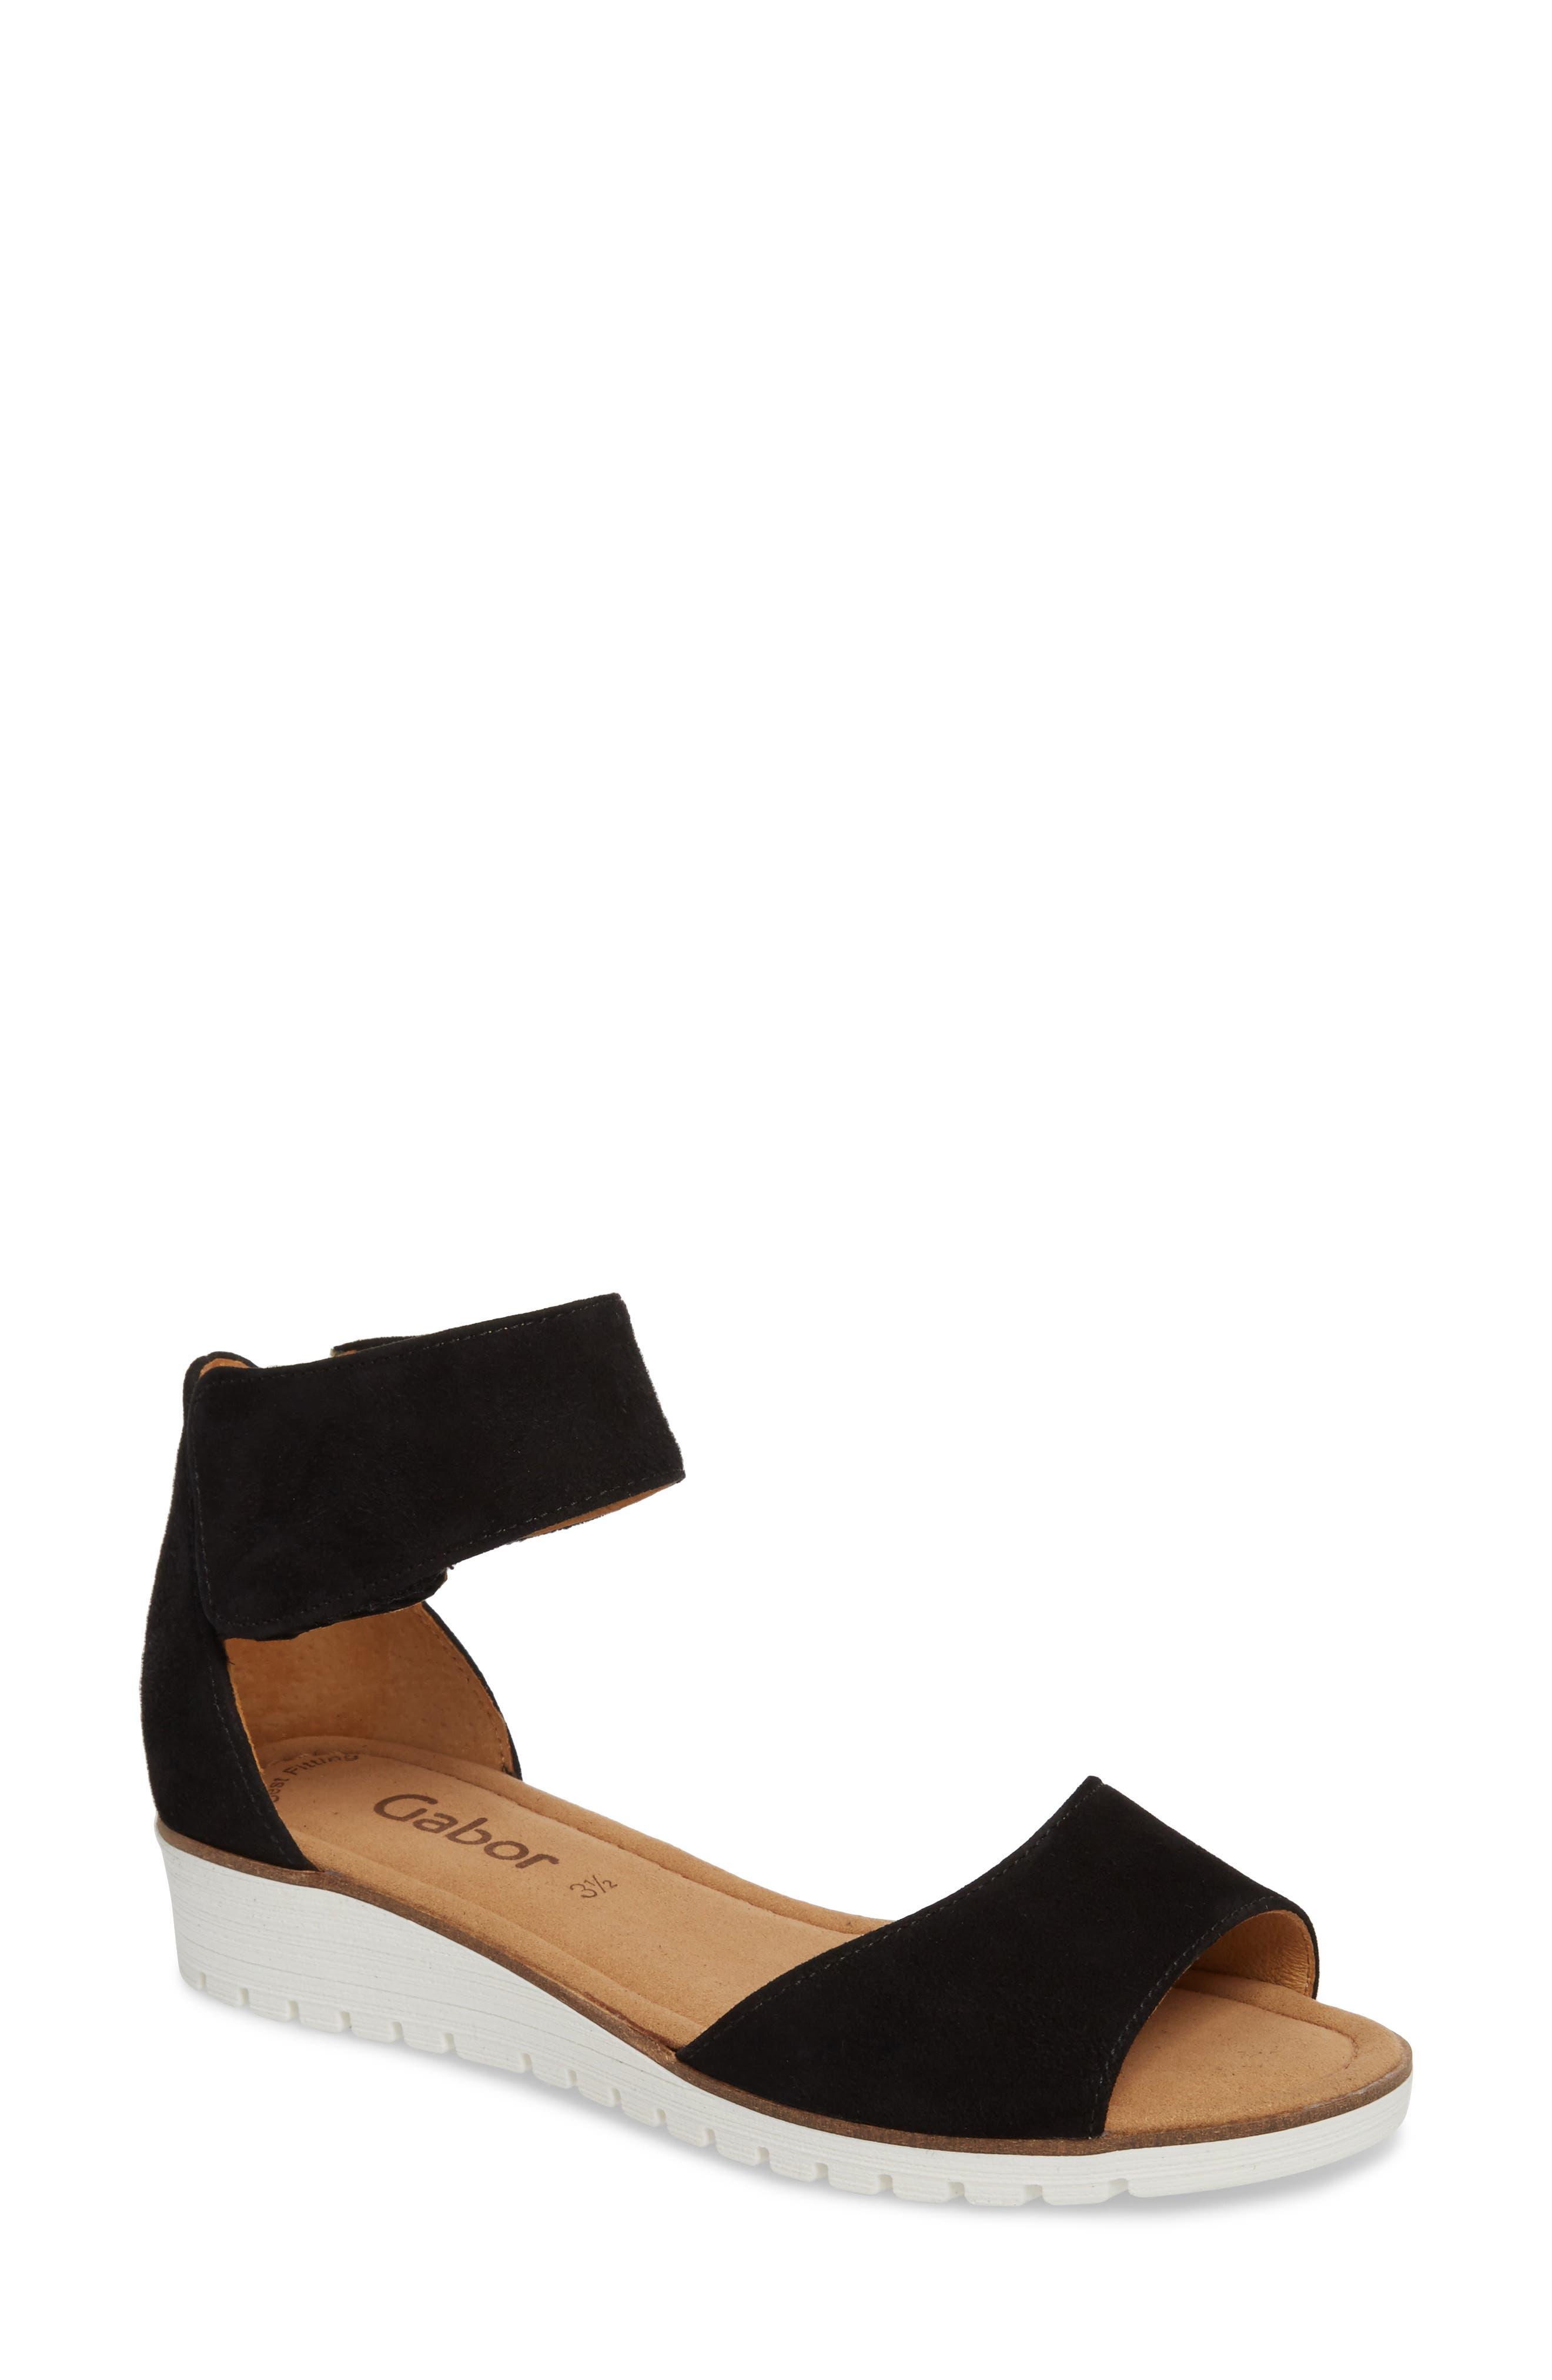 Ankle Strap Sandal,                             Main thumbnail 1, color,                             BLACK SUEDE